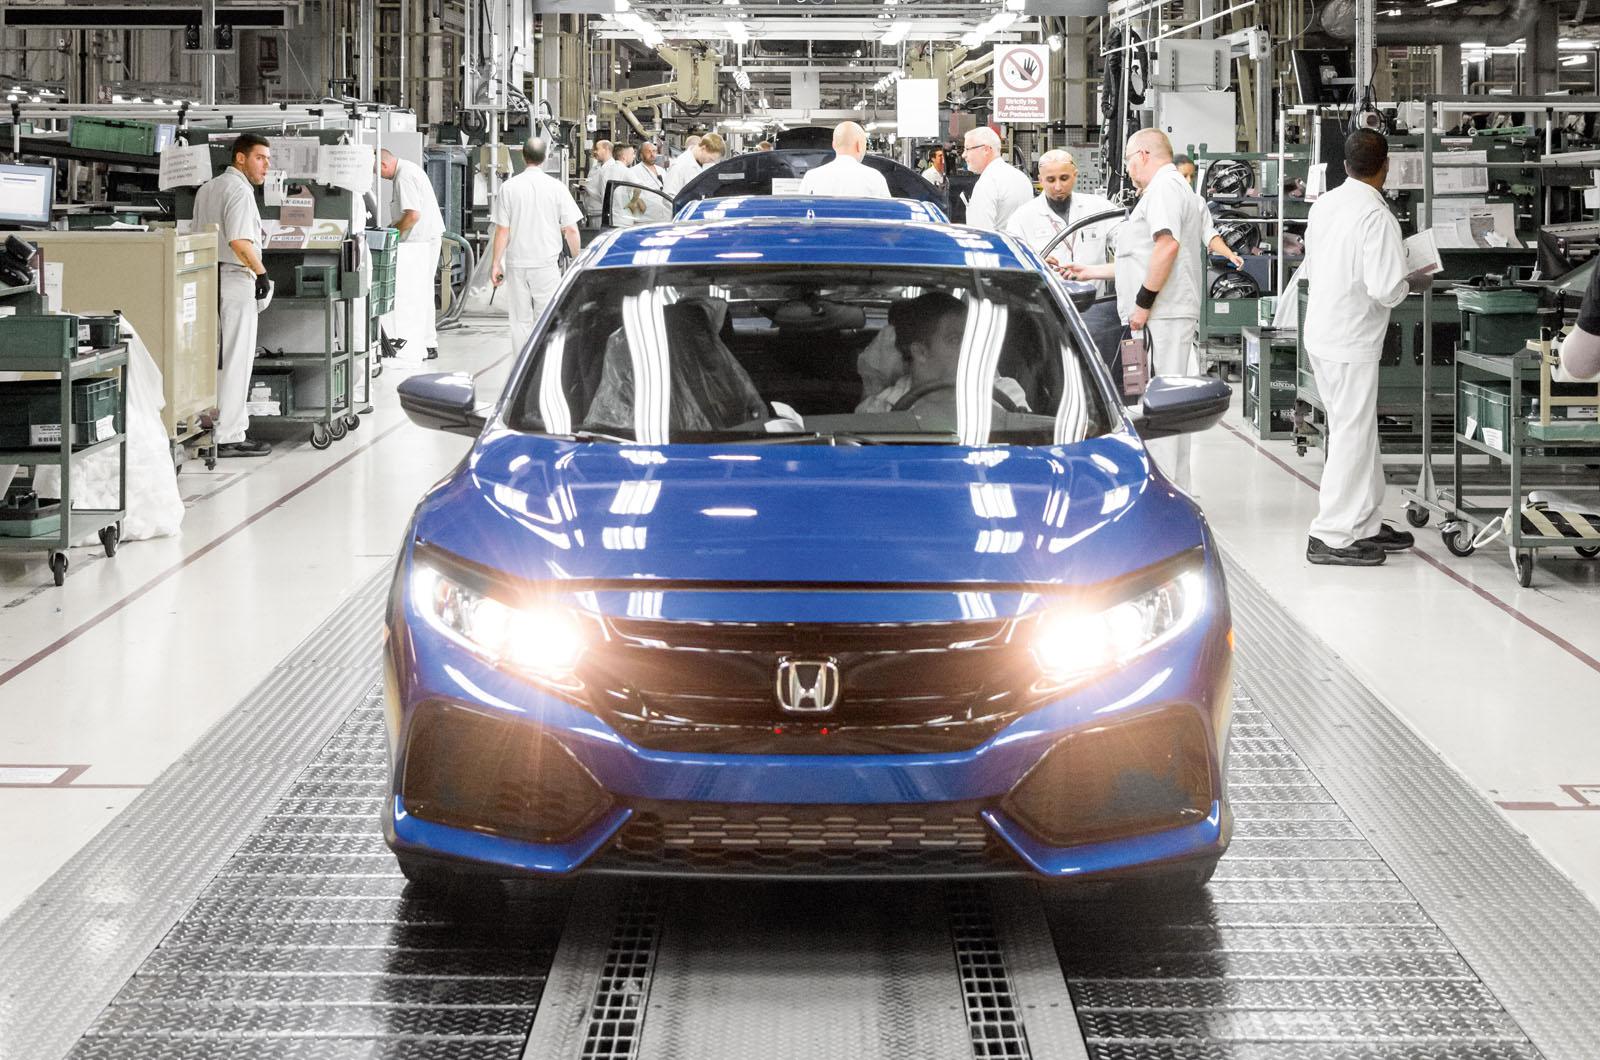 Honda to end diesel cars sales in Europe by 2021